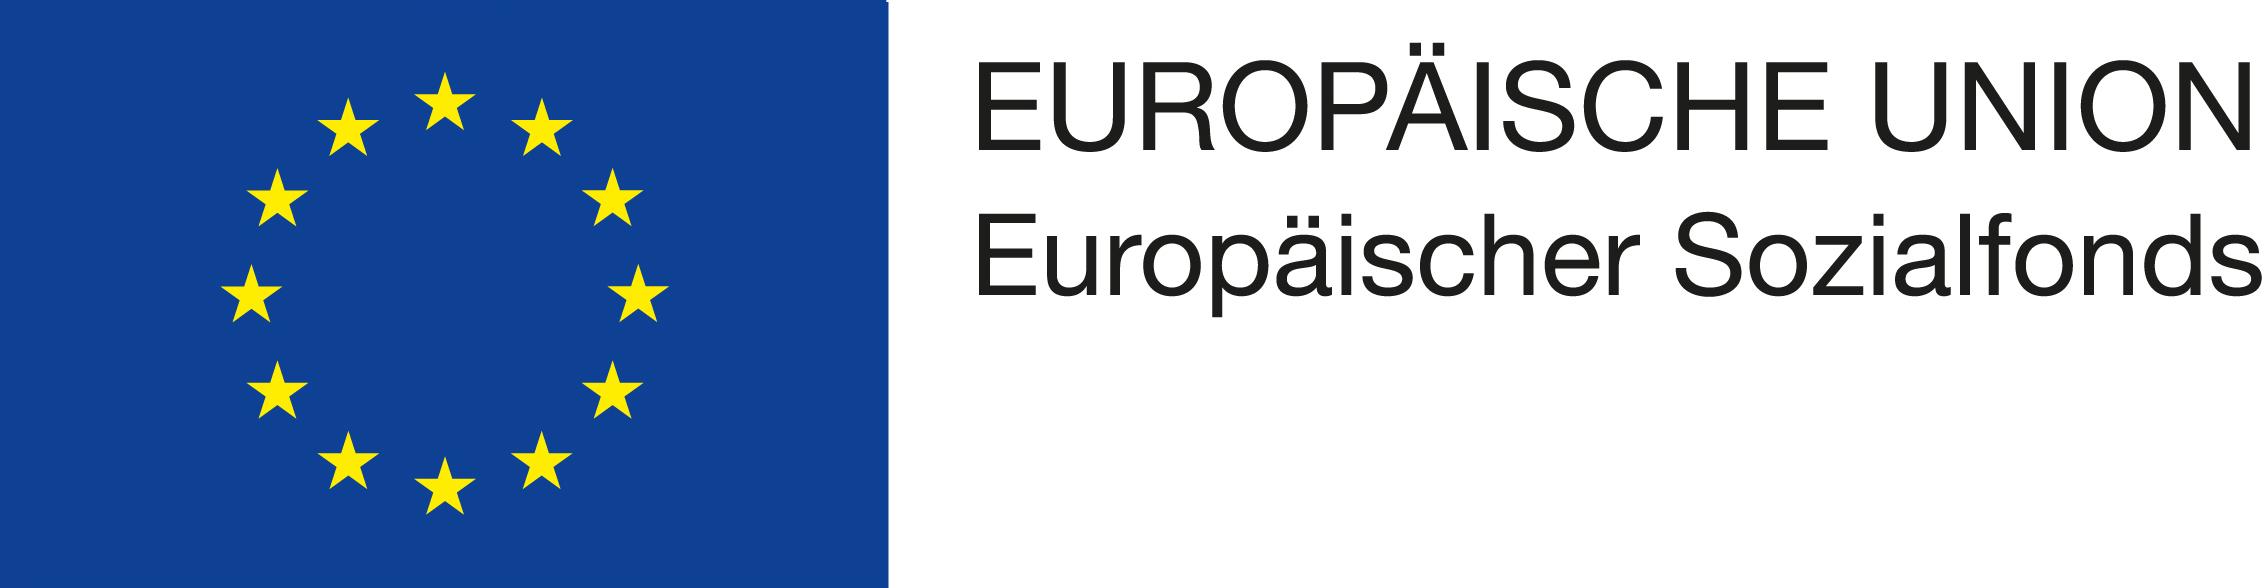 https://esf.brandenburg.de/sixcms/media.php/9/EU-Logomit_EU-und_ESF_Schriftzg_rechts-oben_neben_der_Fahne.3880171.jpg